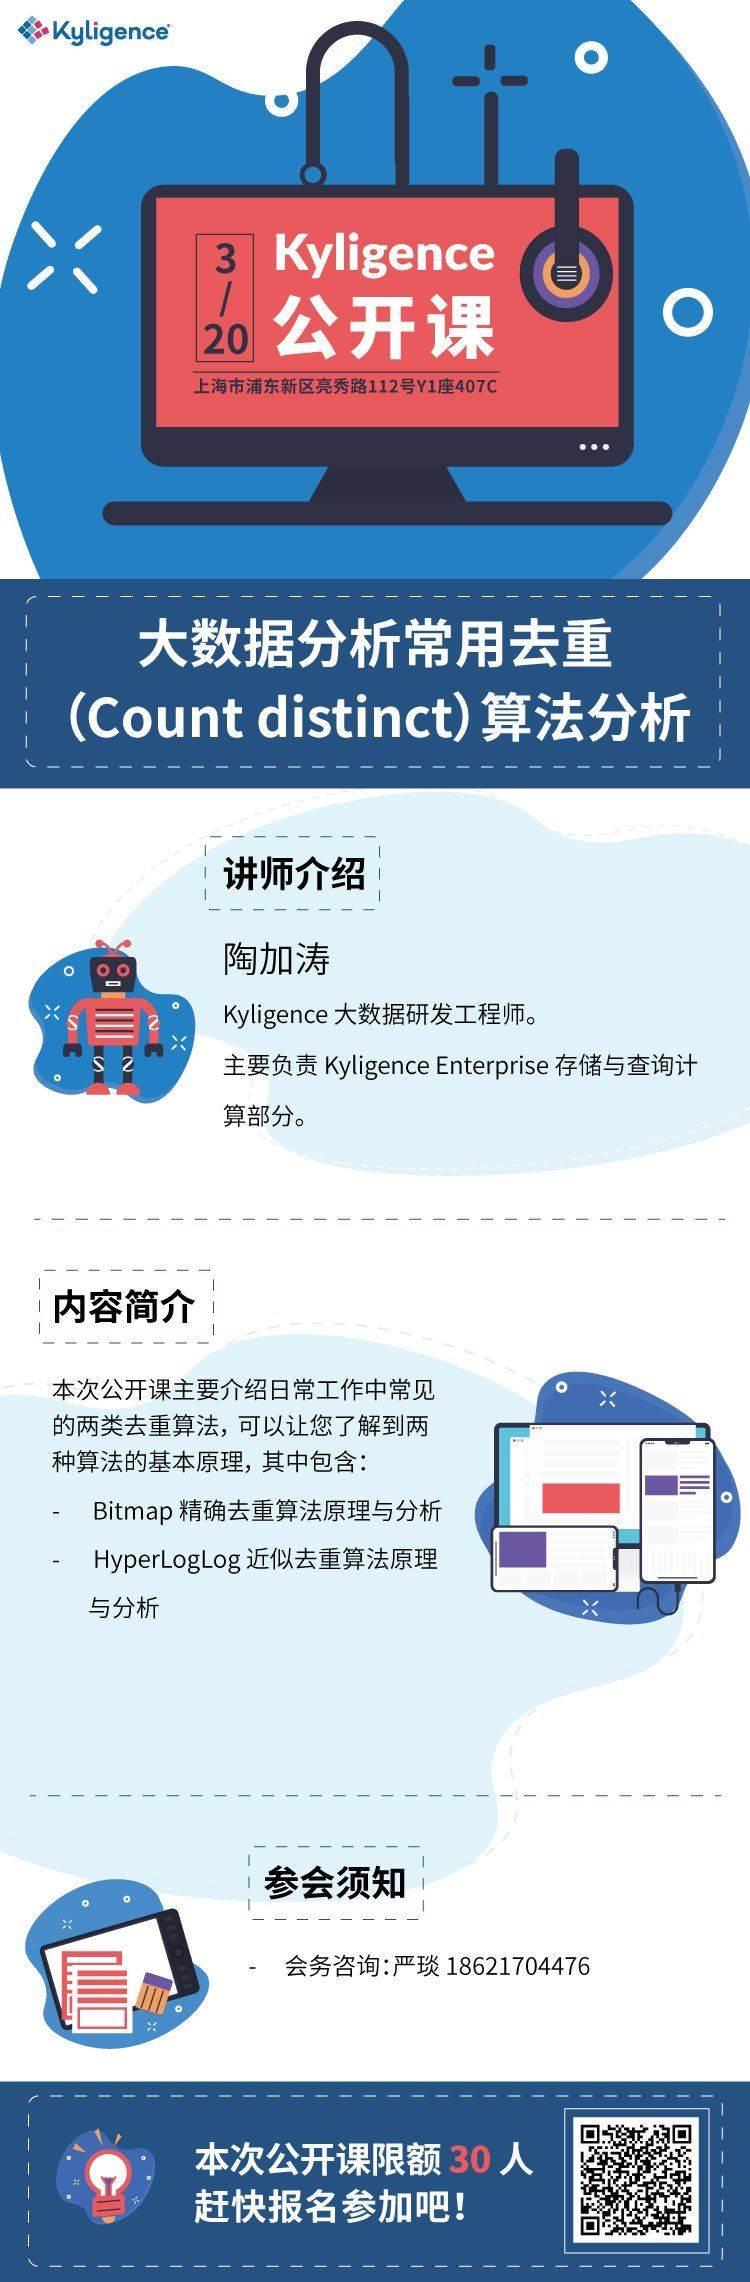 KU公开课(750).jpg